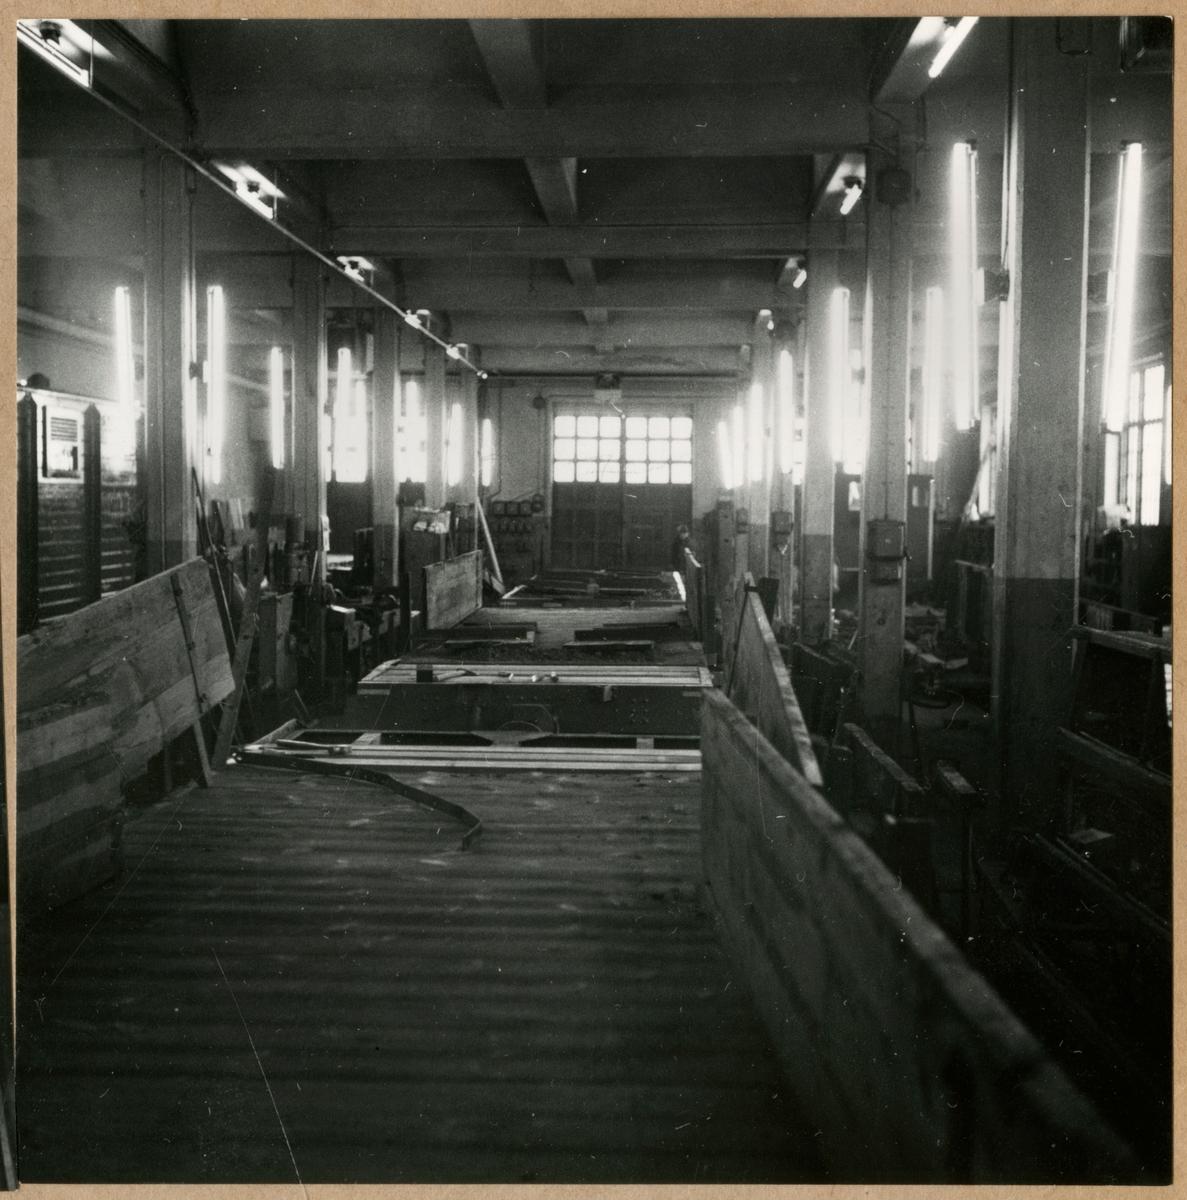 Godsvagnsavdelningen, Mörby verkstad. 39:de driftsektionen.